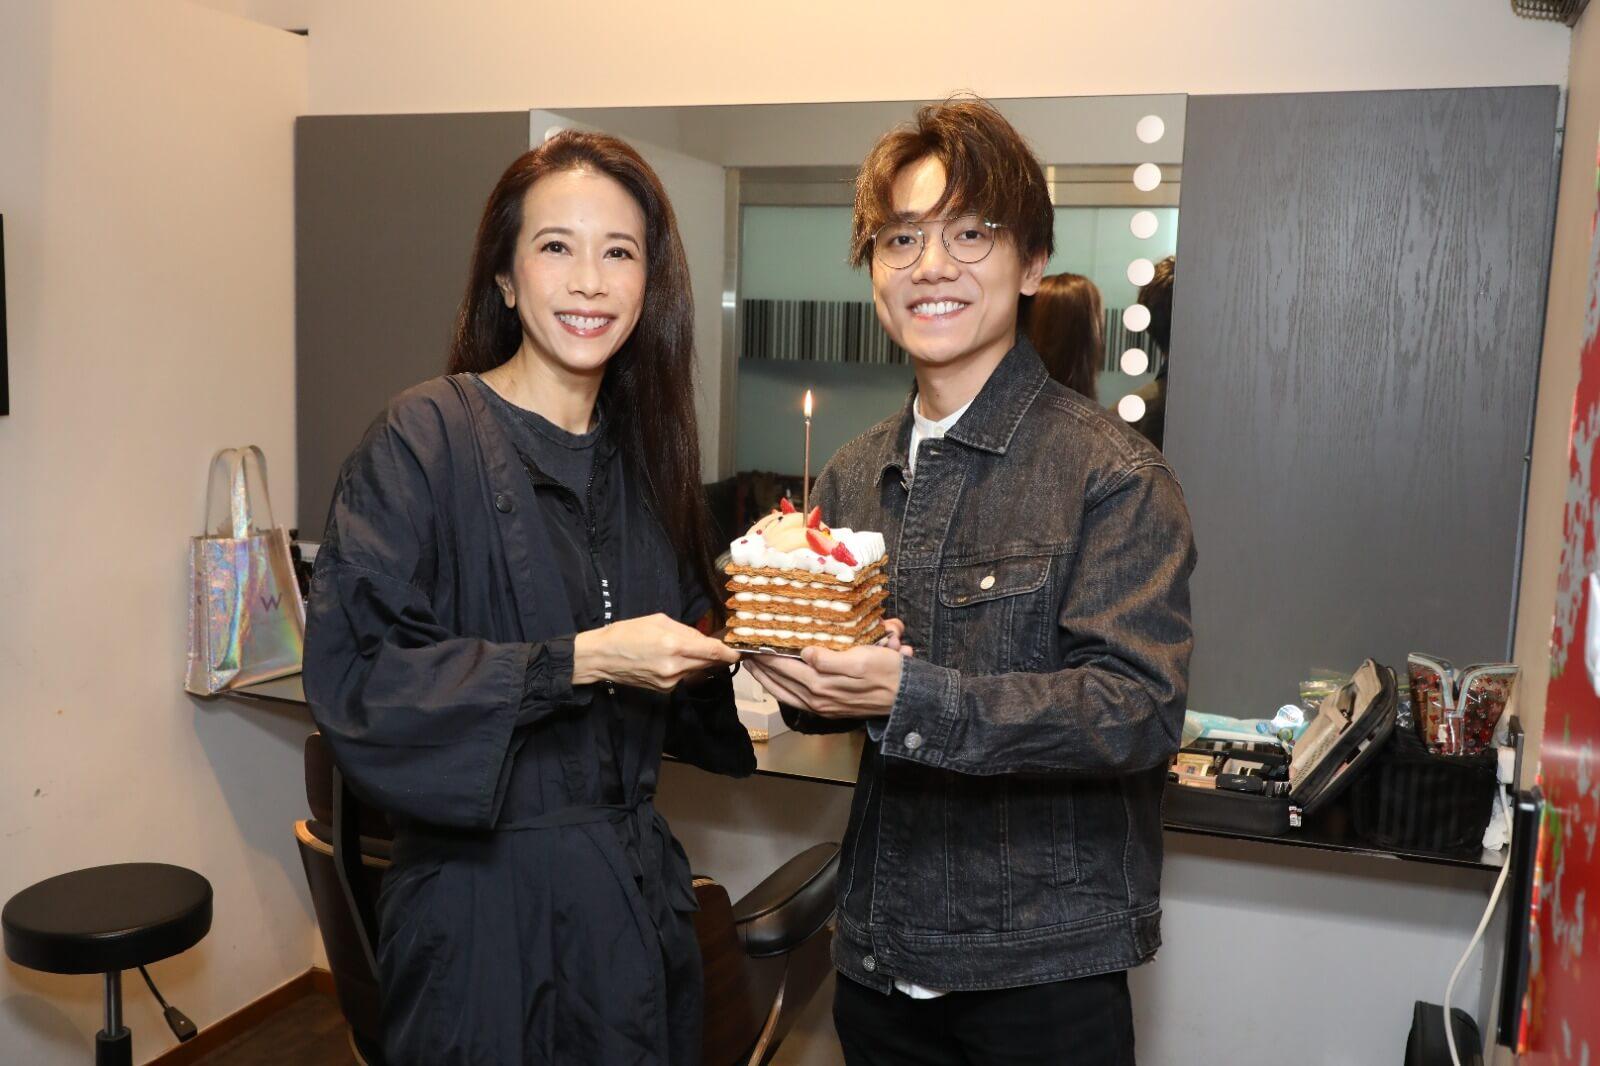 Karen生日在工作中度過,林家謙準備蛋糕為她慶祝。